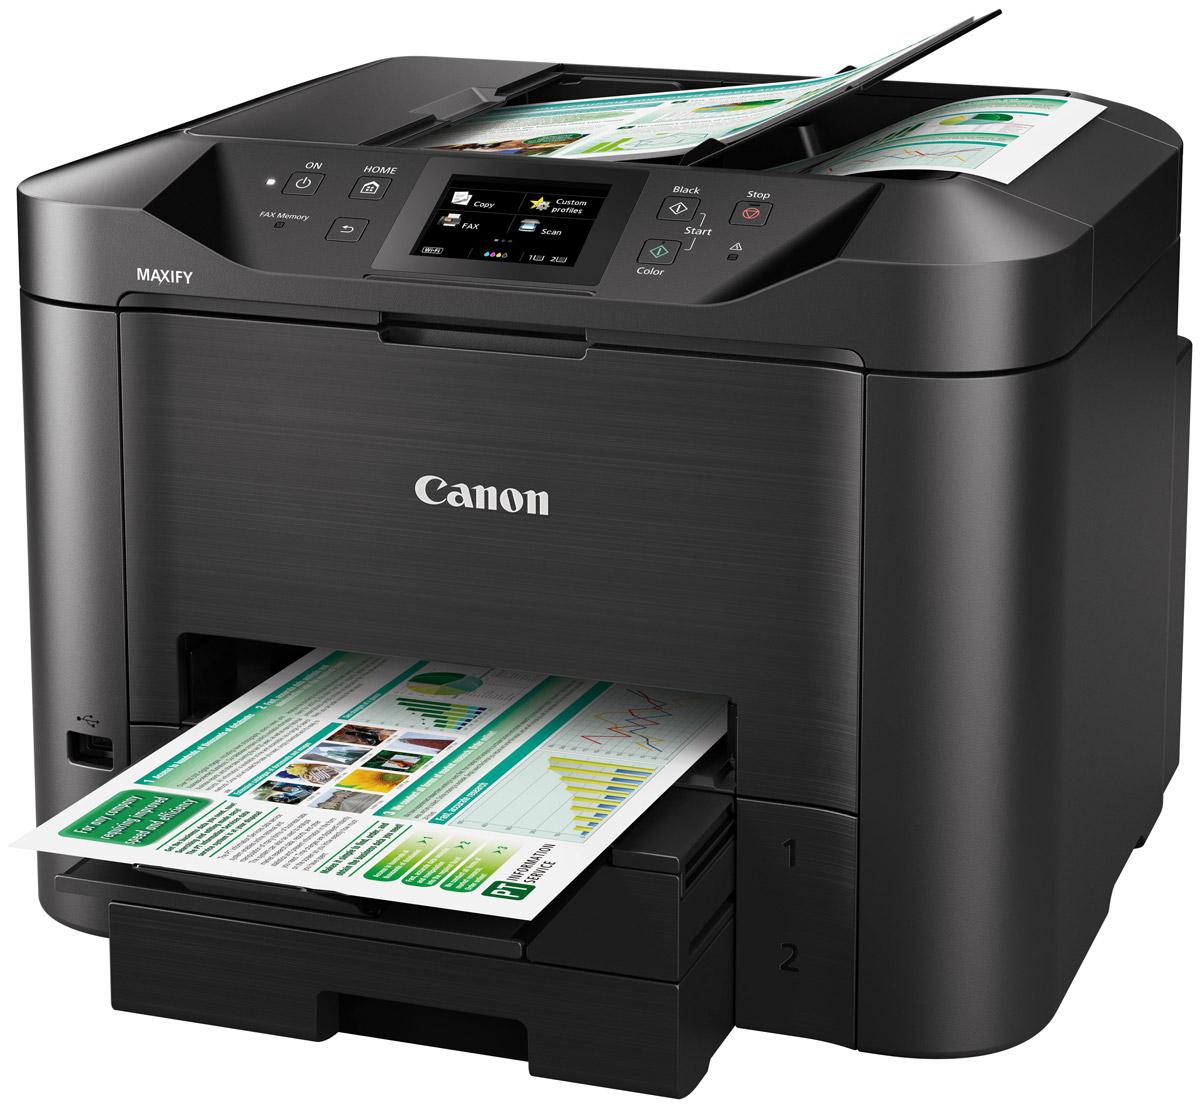 Canon Maxify MB5440 (0971C007) МФУ0971C007Canon Maxify MB5440 — идеальный выбор для эффективной печати в условиях небольших офисных пространств без ущерба для производительности, качества и надежности. Высококачественные устойчивые к маркерам чернила, возможности подключения по Wi-Fi и Ethernet и функция двустороннего сканирования за один проход позволяют выполнять печать больших объемов с более высокой скоростью, чем раньше. Технология Quick First Print значительно увеличивает скорость выхода первой страницы (FPOT) — примерно 6 секунд в монохромном режиме. Вы также можете быстро выполнять сканирование обеих сторон документа с помощью устройства двусторонней автоматической подачи документов за один проход (АПД). Чернила DRHD разработаны специально для бизнес-печати. Эти высококачественные чернила обеспечивают яркие цвета, насыщенные оттенки черного и четкий текст, а также препятствуют появлению пятен. Большой цветной сенсорный экран с диагональю 8,8 см обеспечивает удобный доступ...